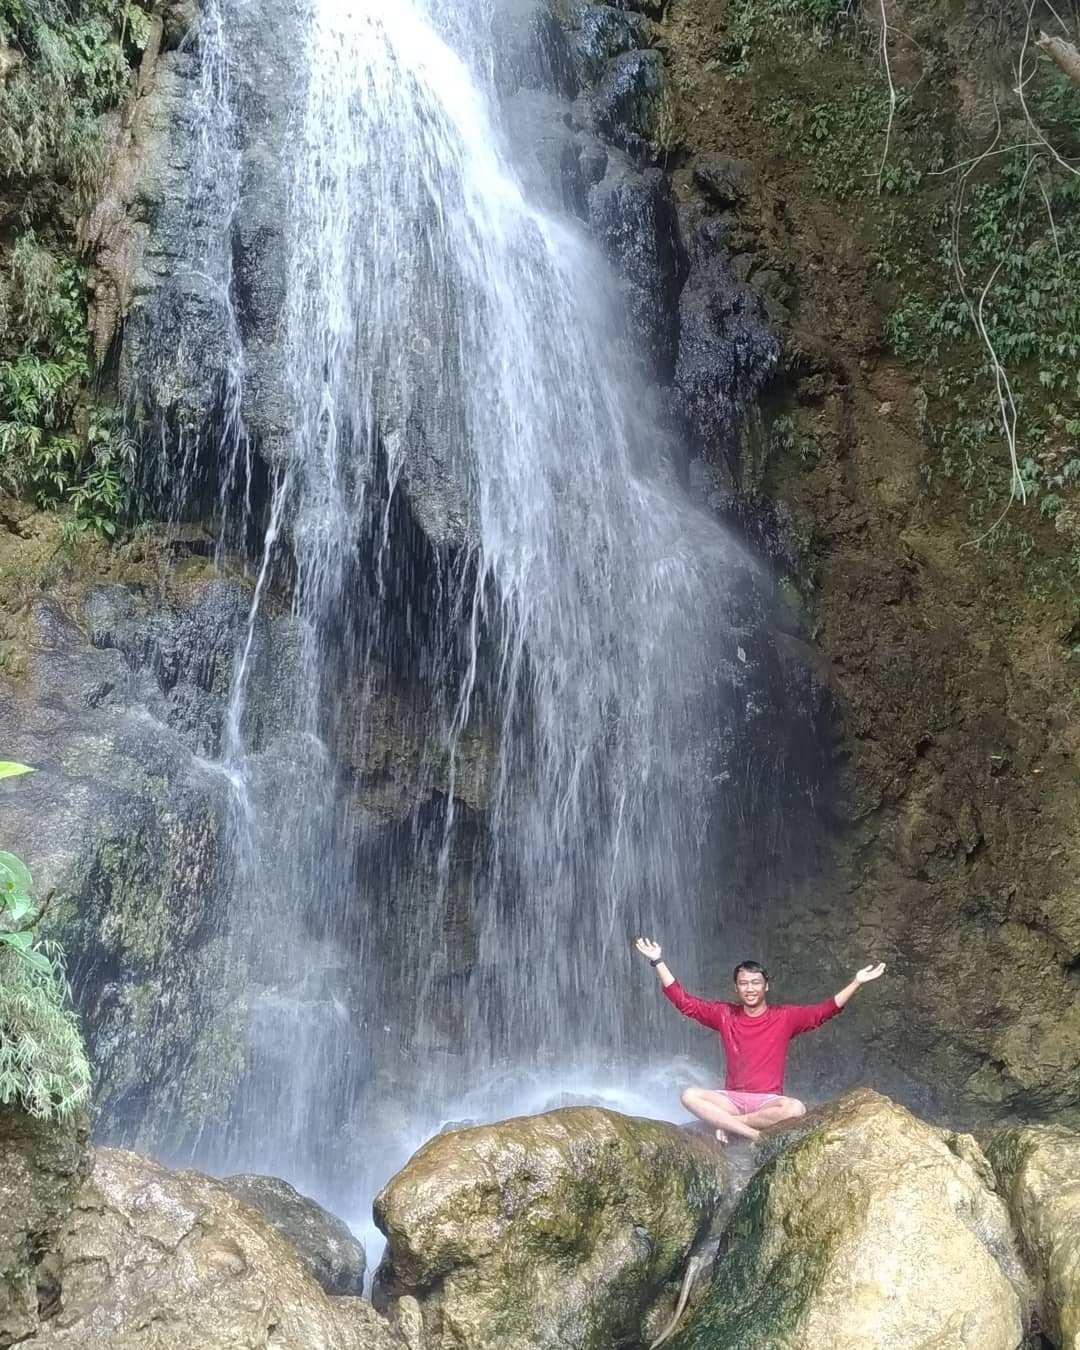 Berfoto di Bawah Air Terjun Sri Gethuk Image From @ferymccartney